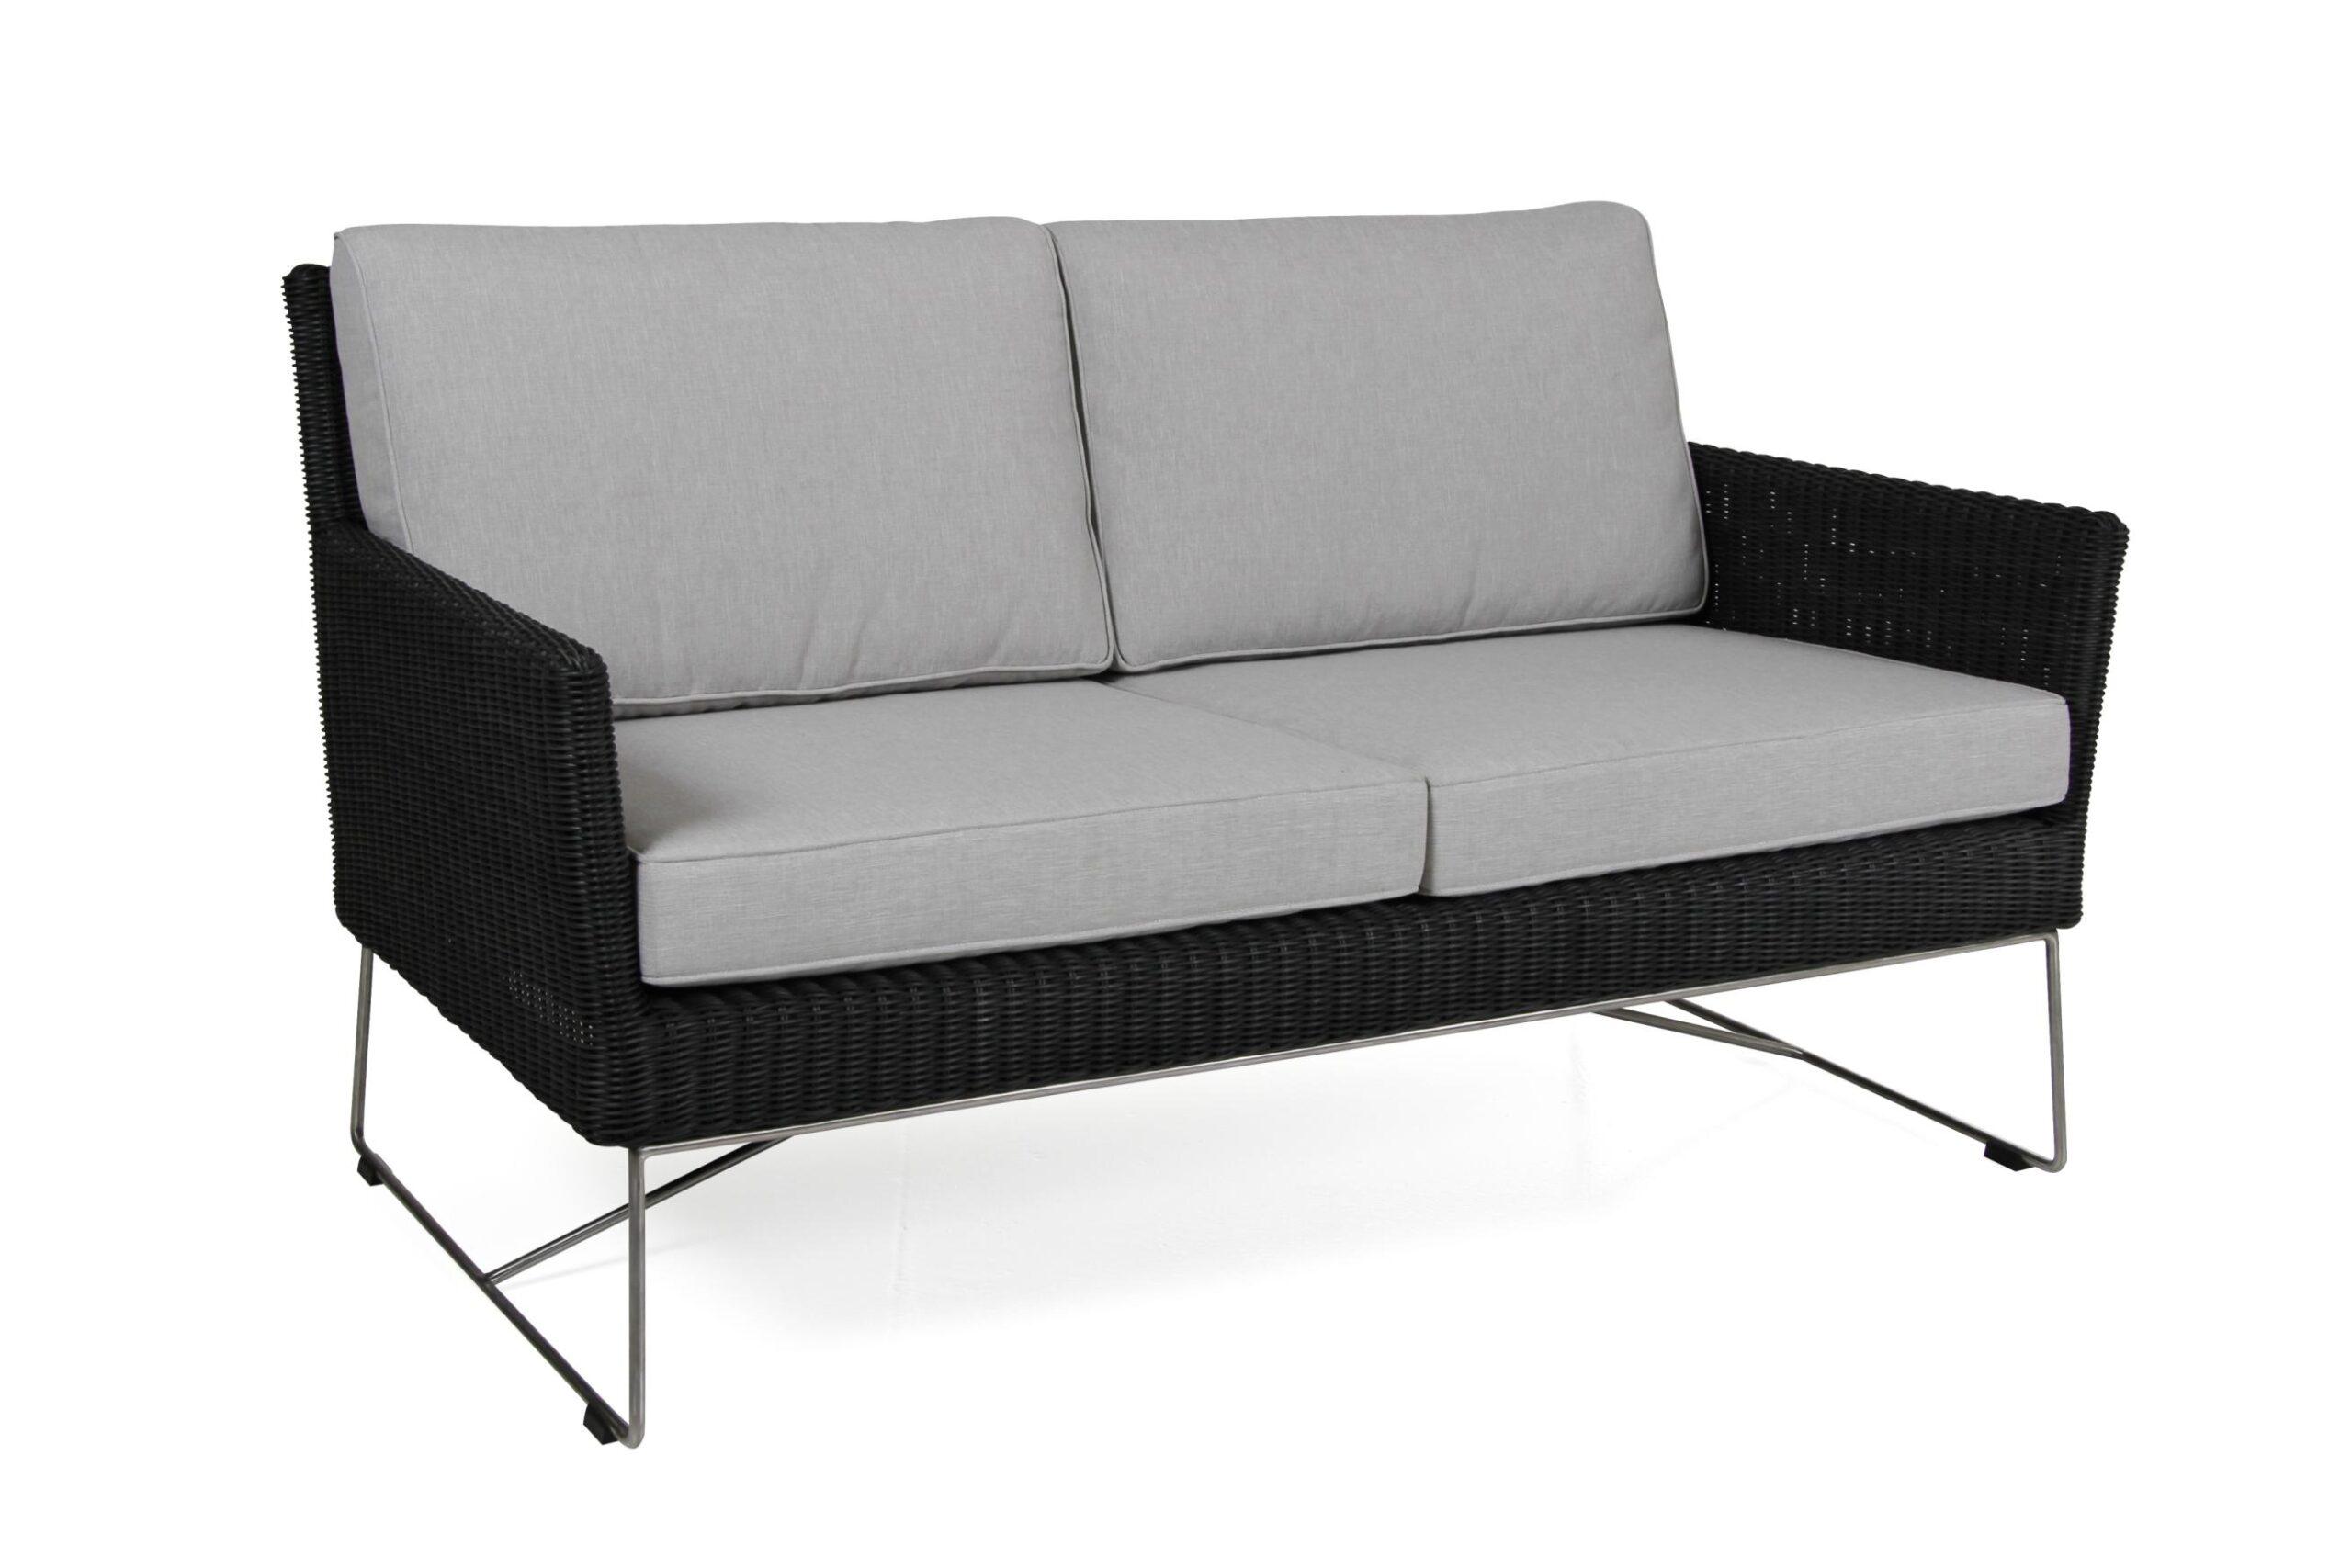 Full Size of Sofa 2 5 Sitzer Leder Landhausstil Relaxfunktion Grau Couch Mit Elektrisch Schlaffunktion Federkern Marilyn Chesterfield Blau Türkische Himolla Leinen Bett Sofa Sofa 2 5 Sitzer